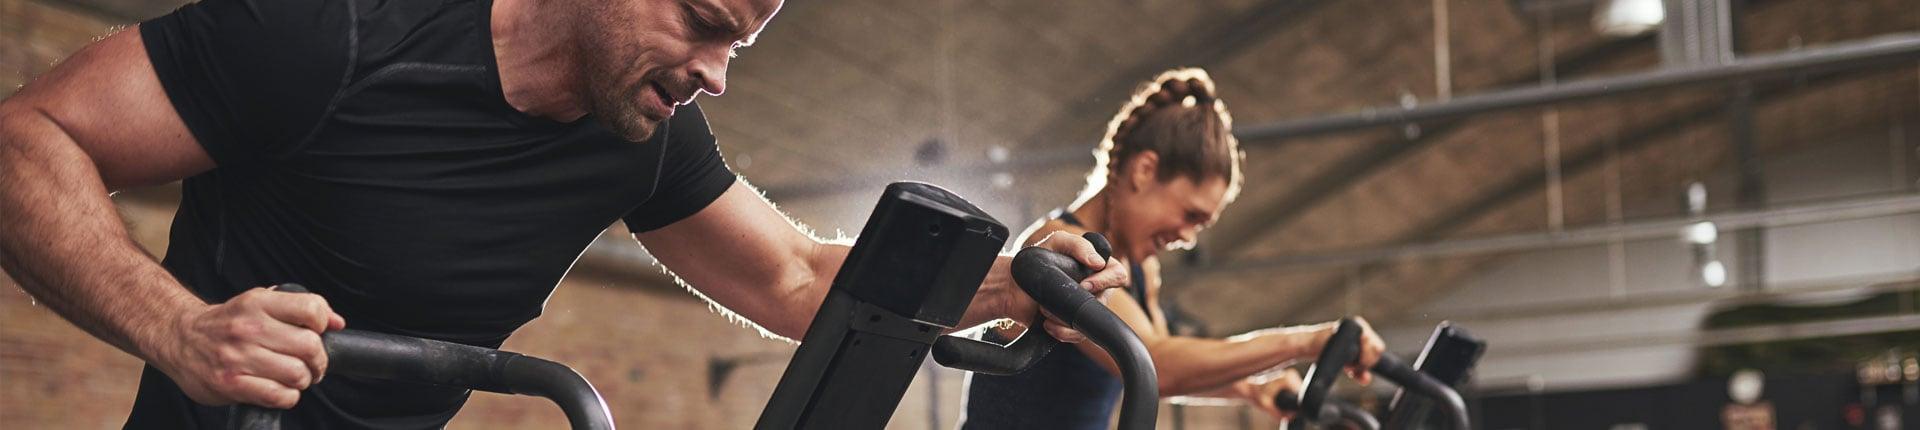 Dlaczego nie musisz polegać na cardio w czasie redukcji?